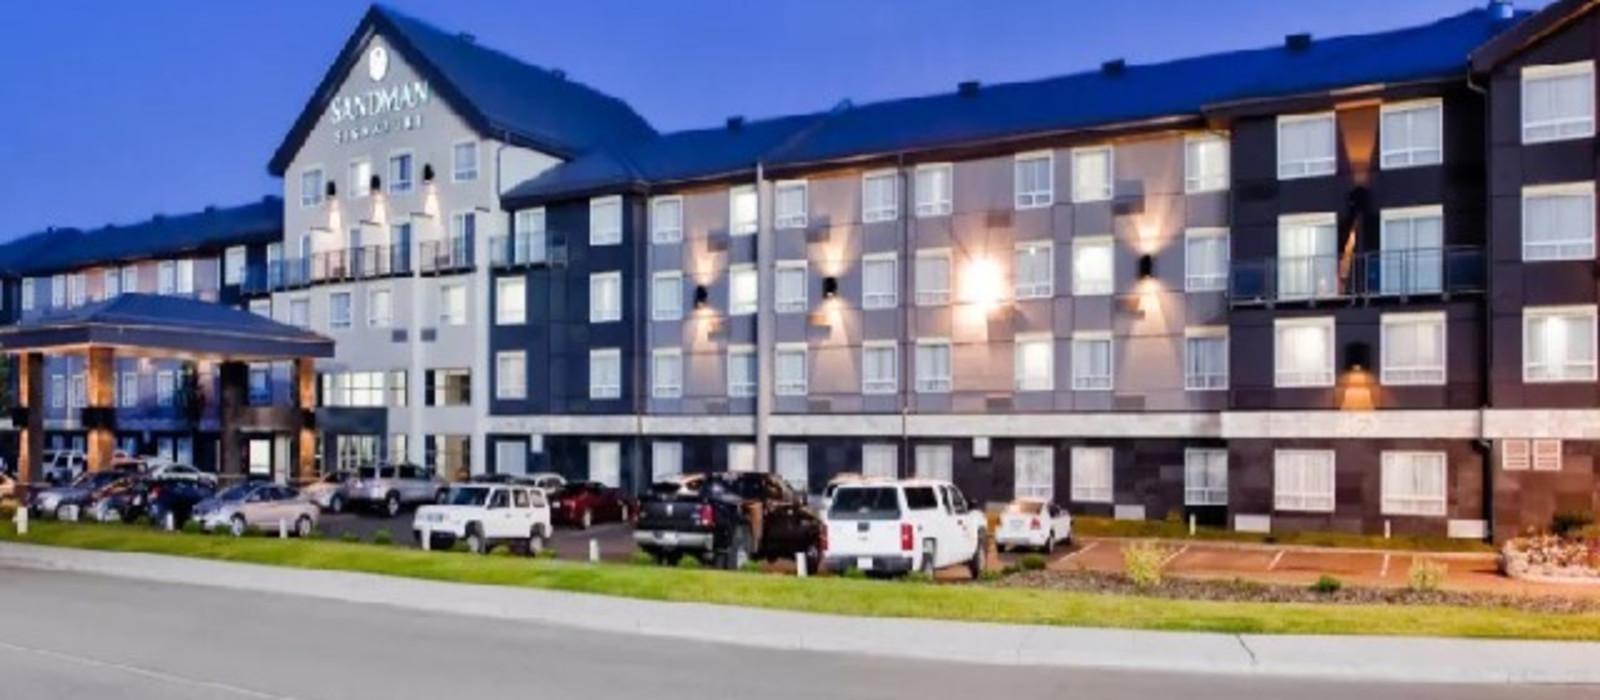 Hotel Sandman Signature Prince George %region%